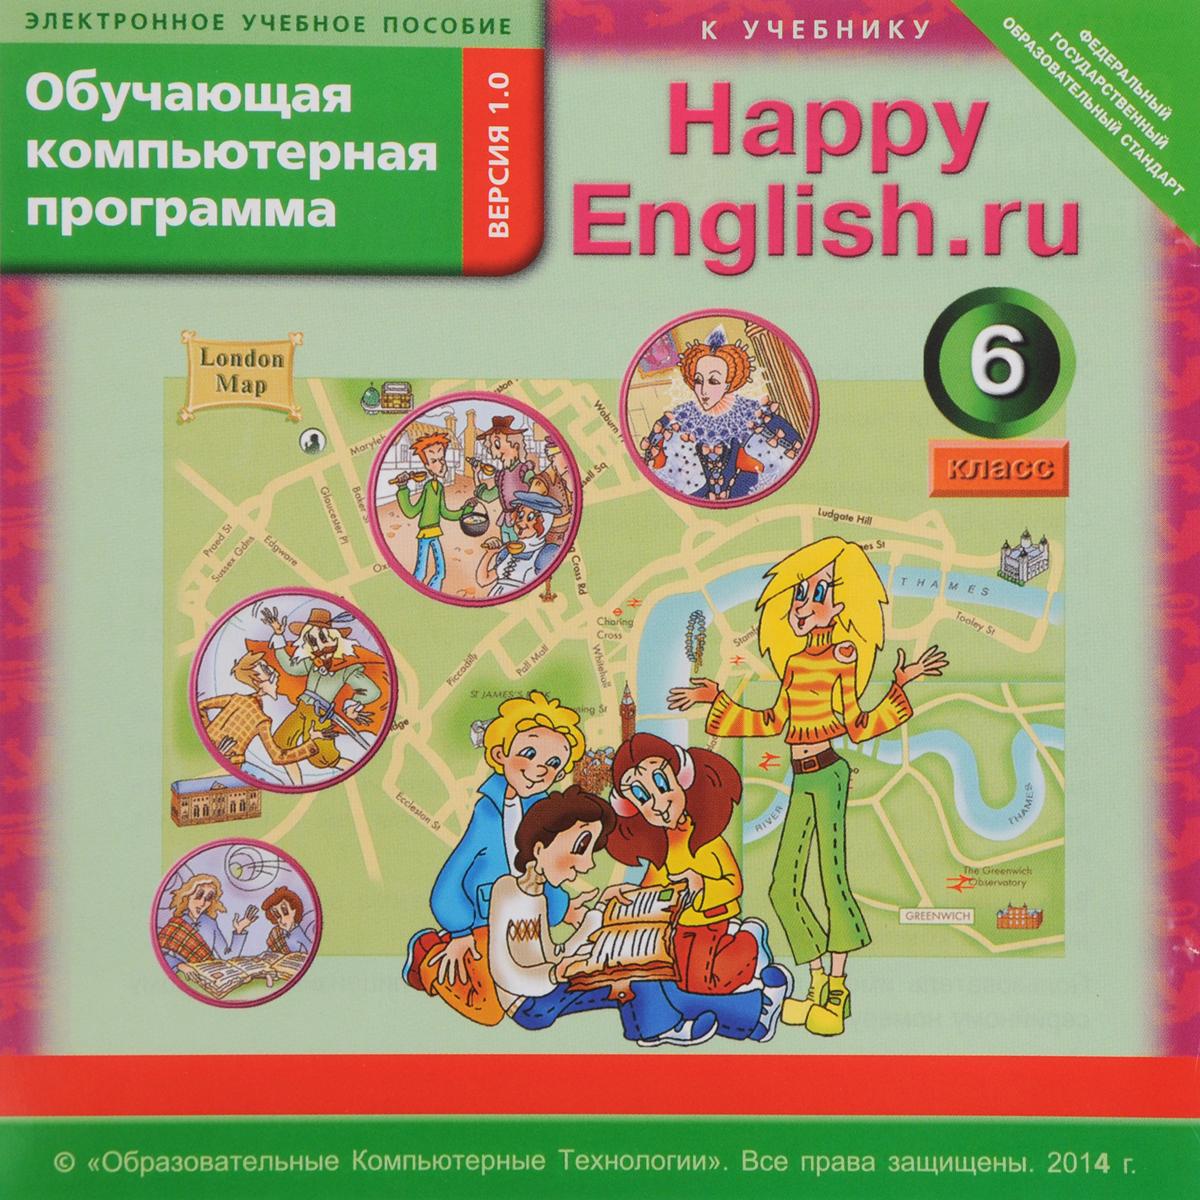 Happy English.ru 6 / Счастливый английский.ру. 6 класс. Обучающая компьютерная программа